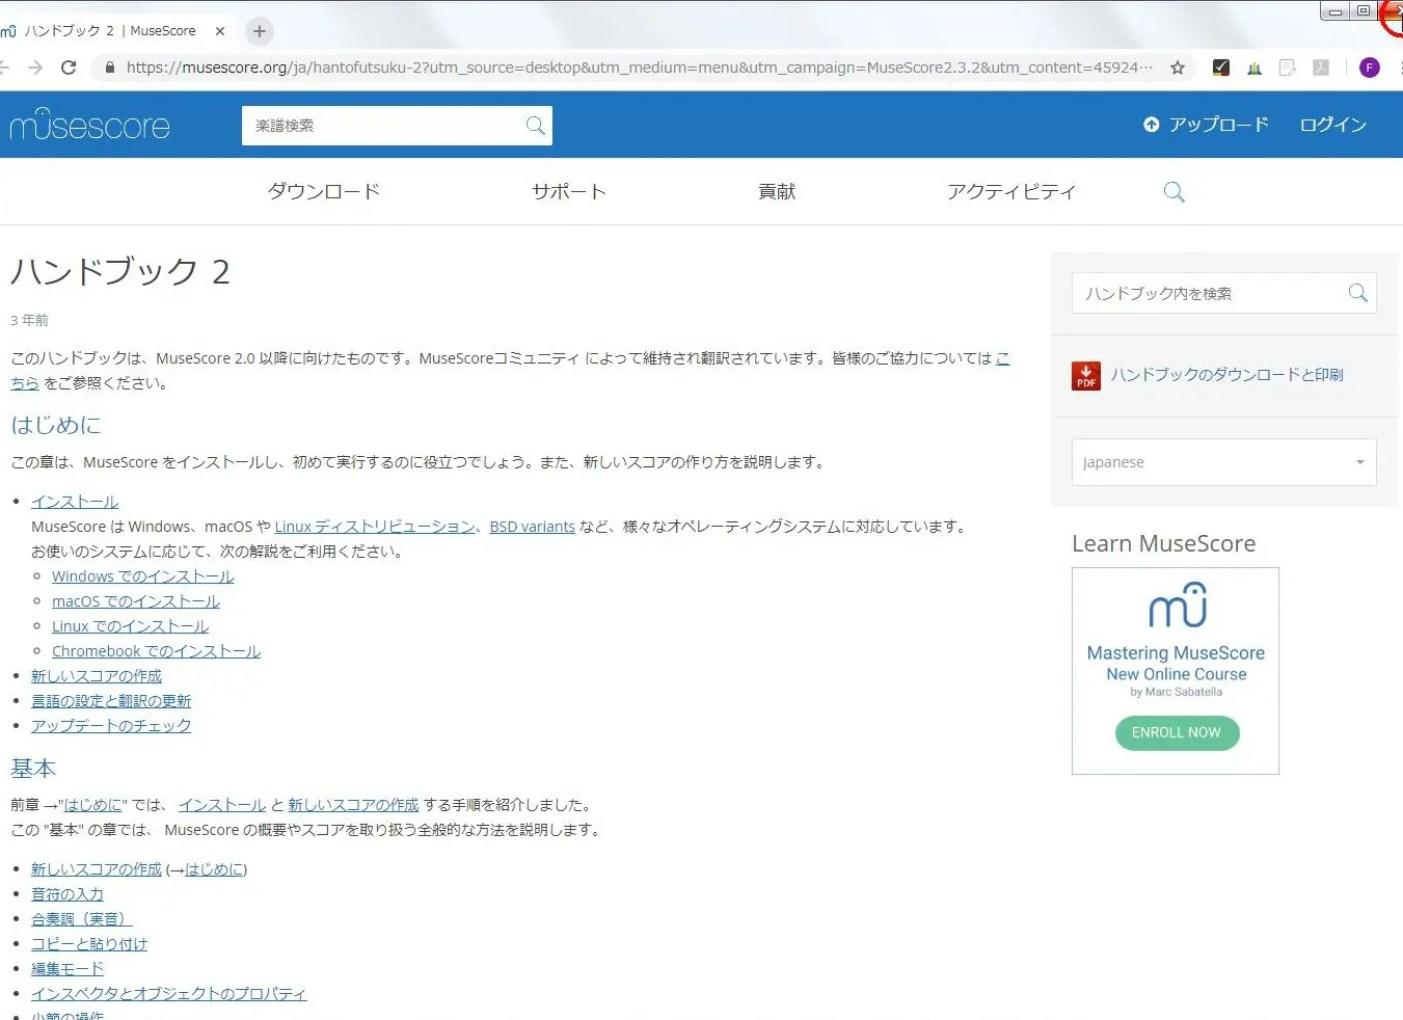 楽譜作成ソフト[MuseScore][ヘルプ][ハンドブック 2 | MuseScore] ウィンドウが開きます。